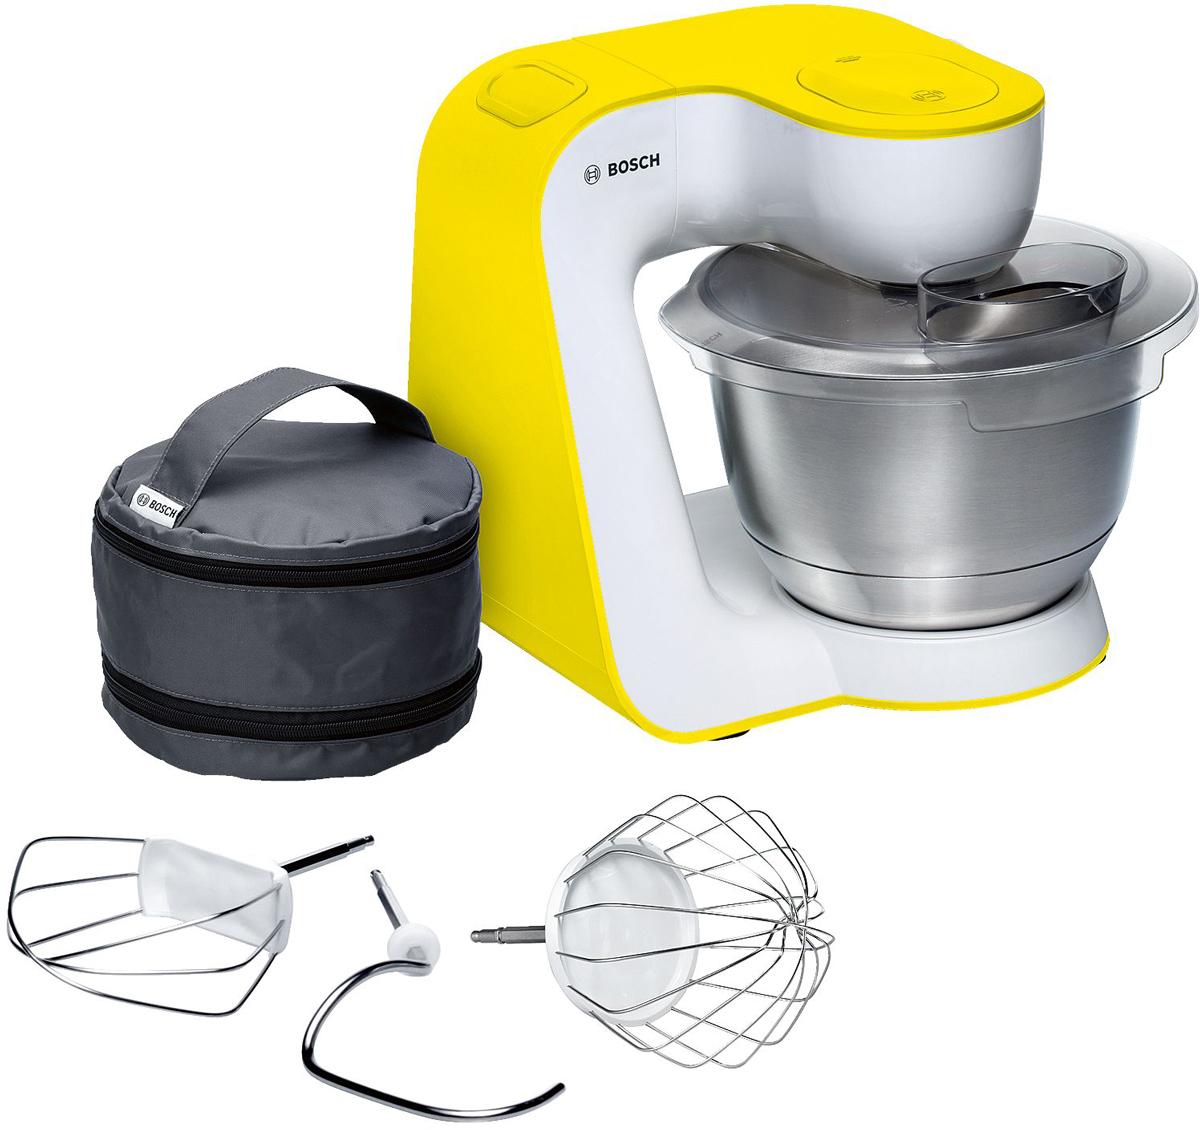 Bosch MUM54Y00 кухонный комбайнMUM54Y00Bosch MUM54Y00 - мощная кухонная машина с многосторонними возможностями для готовки и выпечки. Мотормощностью 900 Вт легко обрабатывает большие количества ингредиентов. Отличное качество замеса тестаблагодаря планетарному вращению Multi-motion-drive. 7 скоростей замешивания и импульсный режим обеспечатнаилучший результат. Большая чаша из нержавеющей стали 3,9 л позволяет замешать до 2 кг крутого теста. BoschMUM54Y00 имеет функцию автоматического поднятия рычага EasyArmLift.